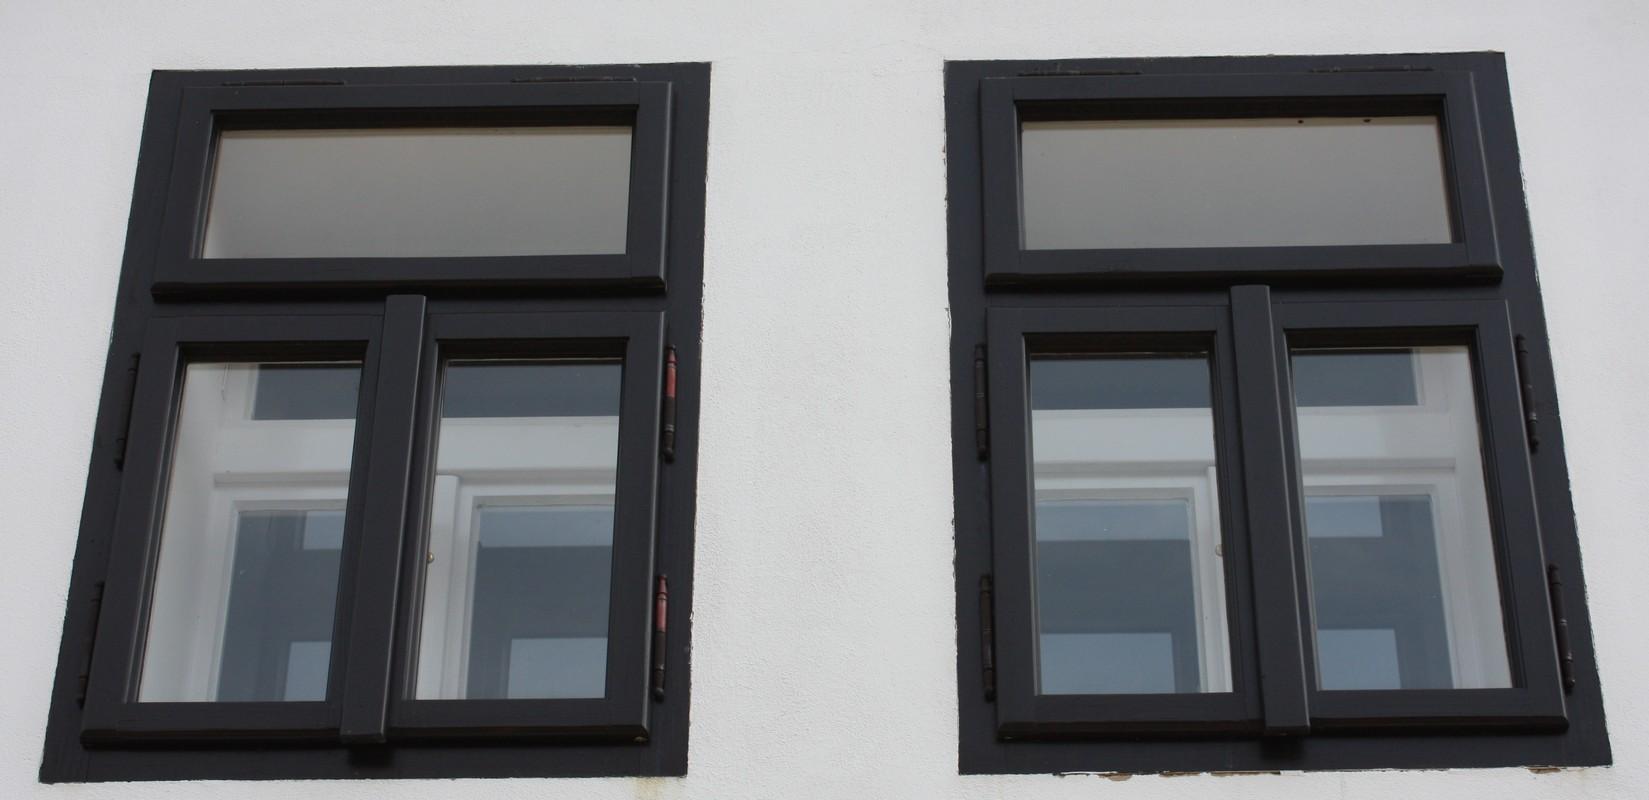 spaletove_okno_5